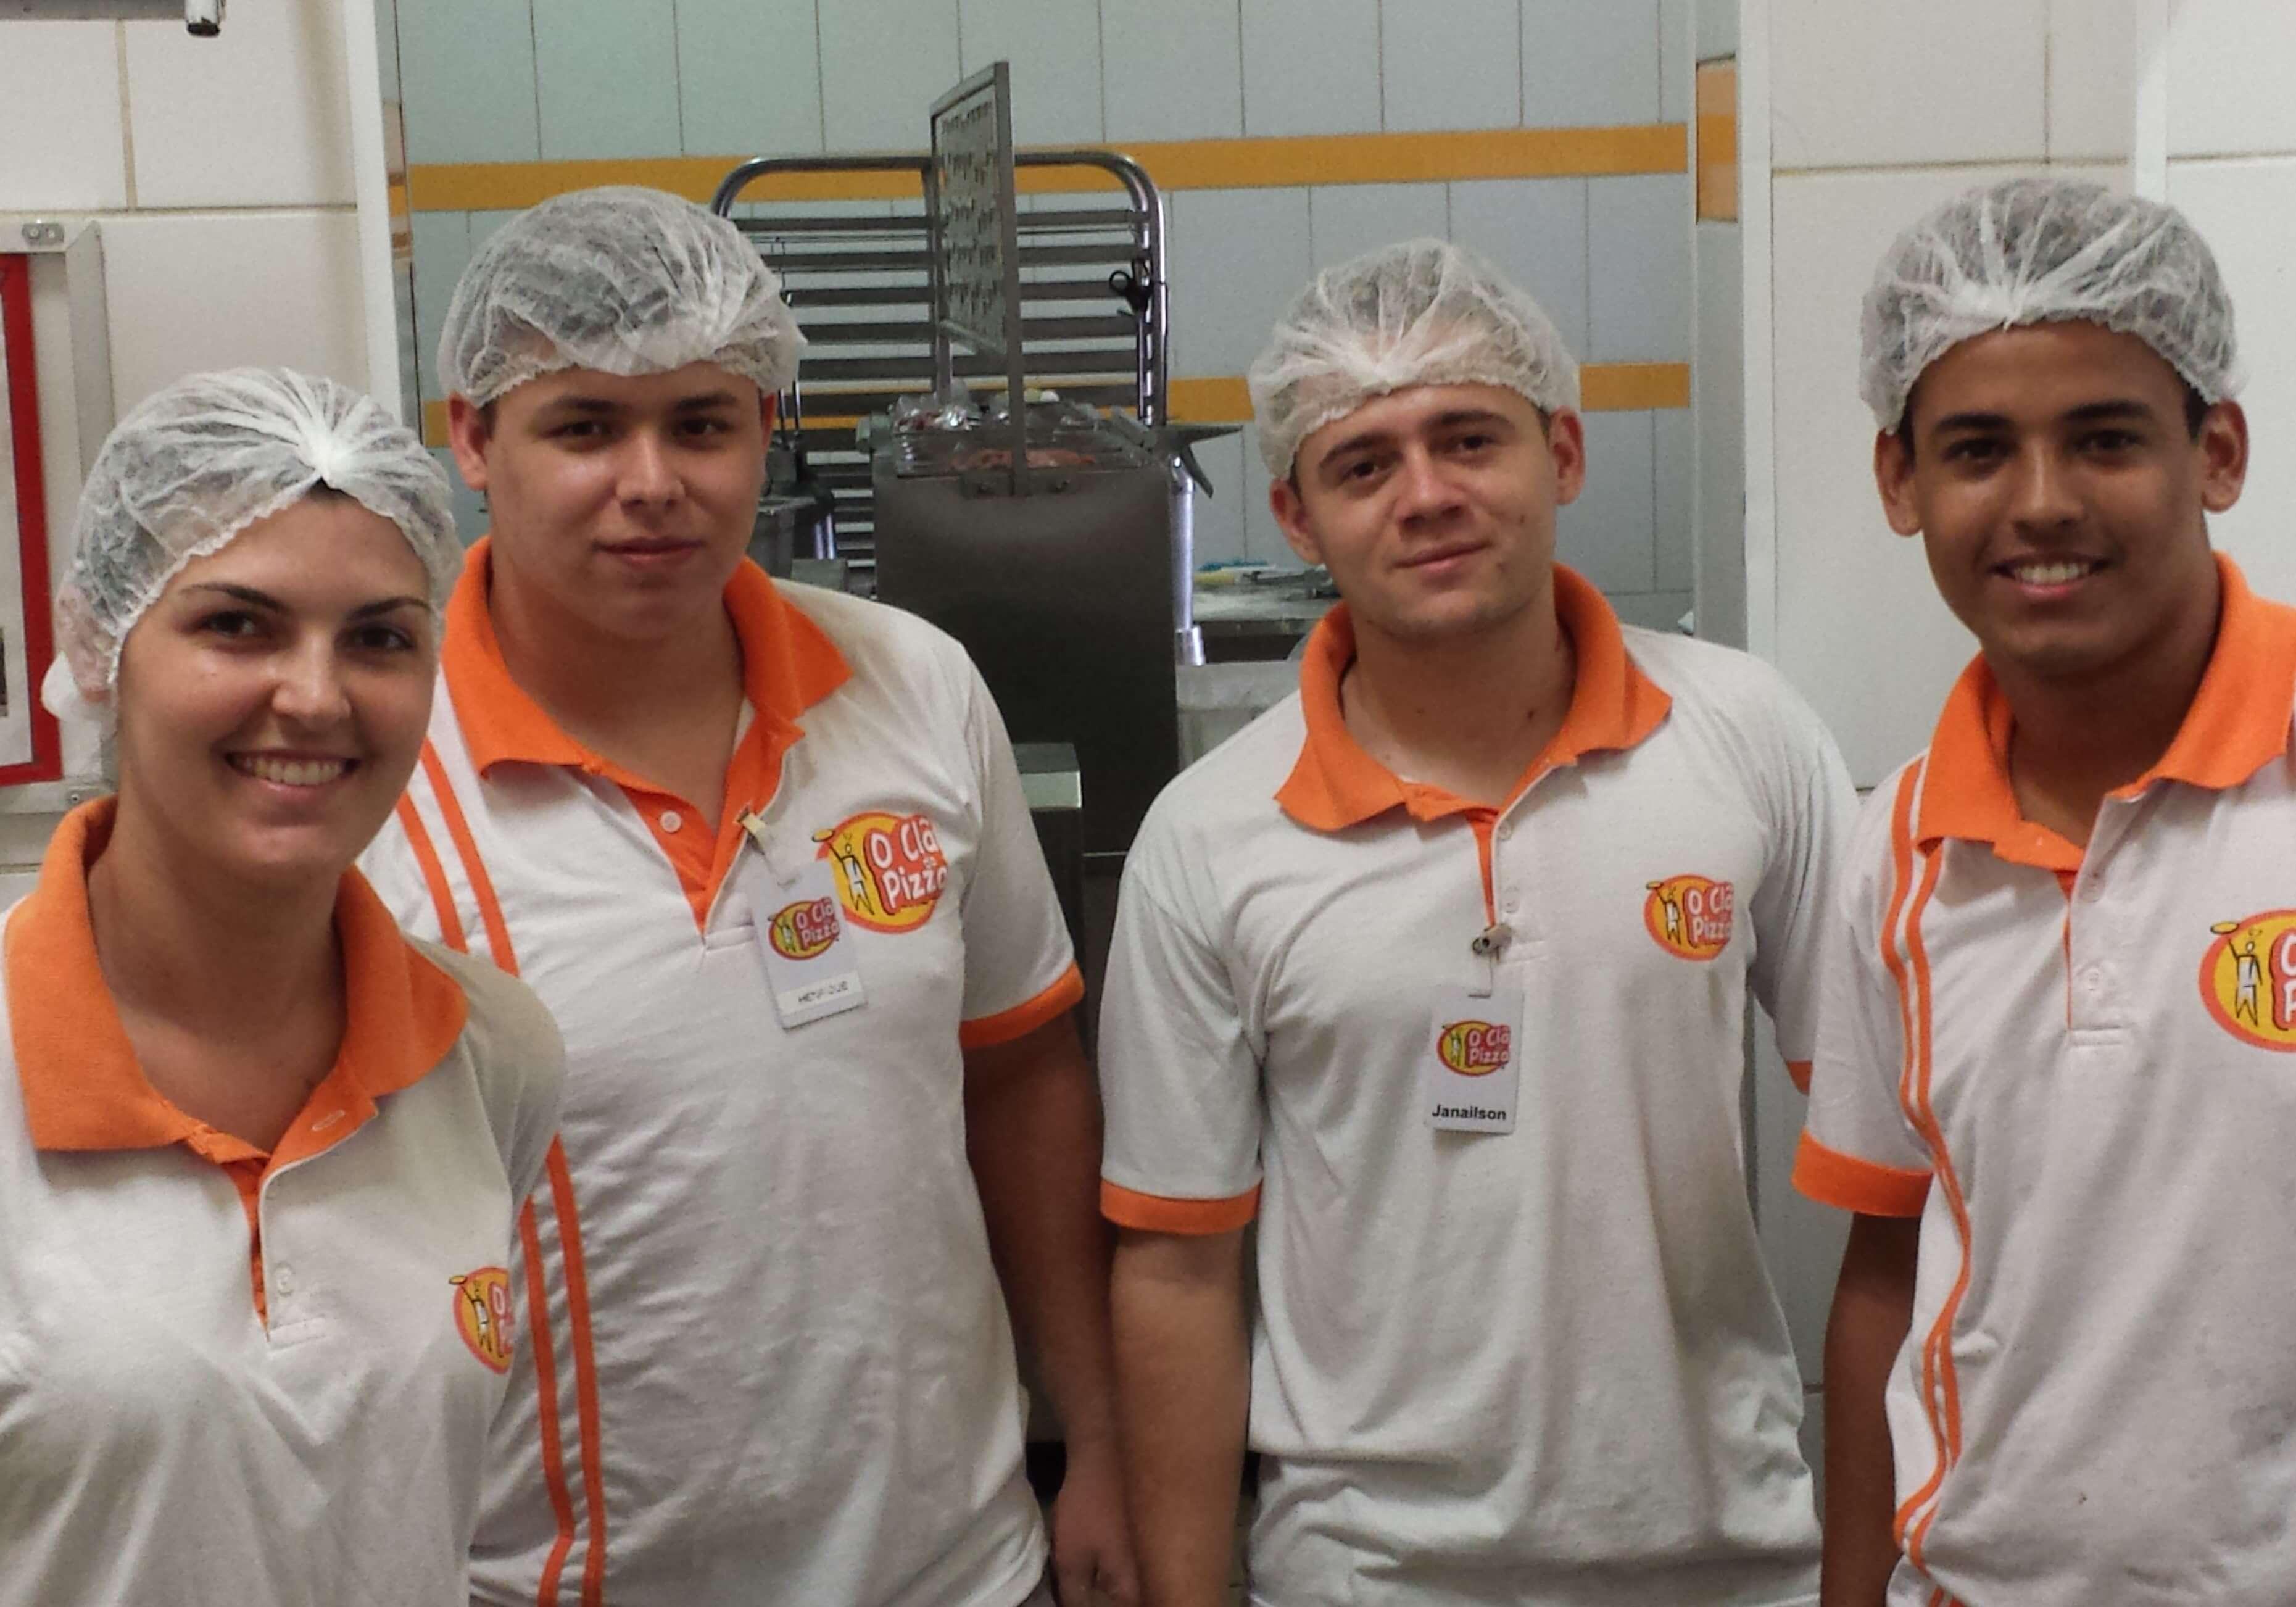 equipe o clã da Pizza